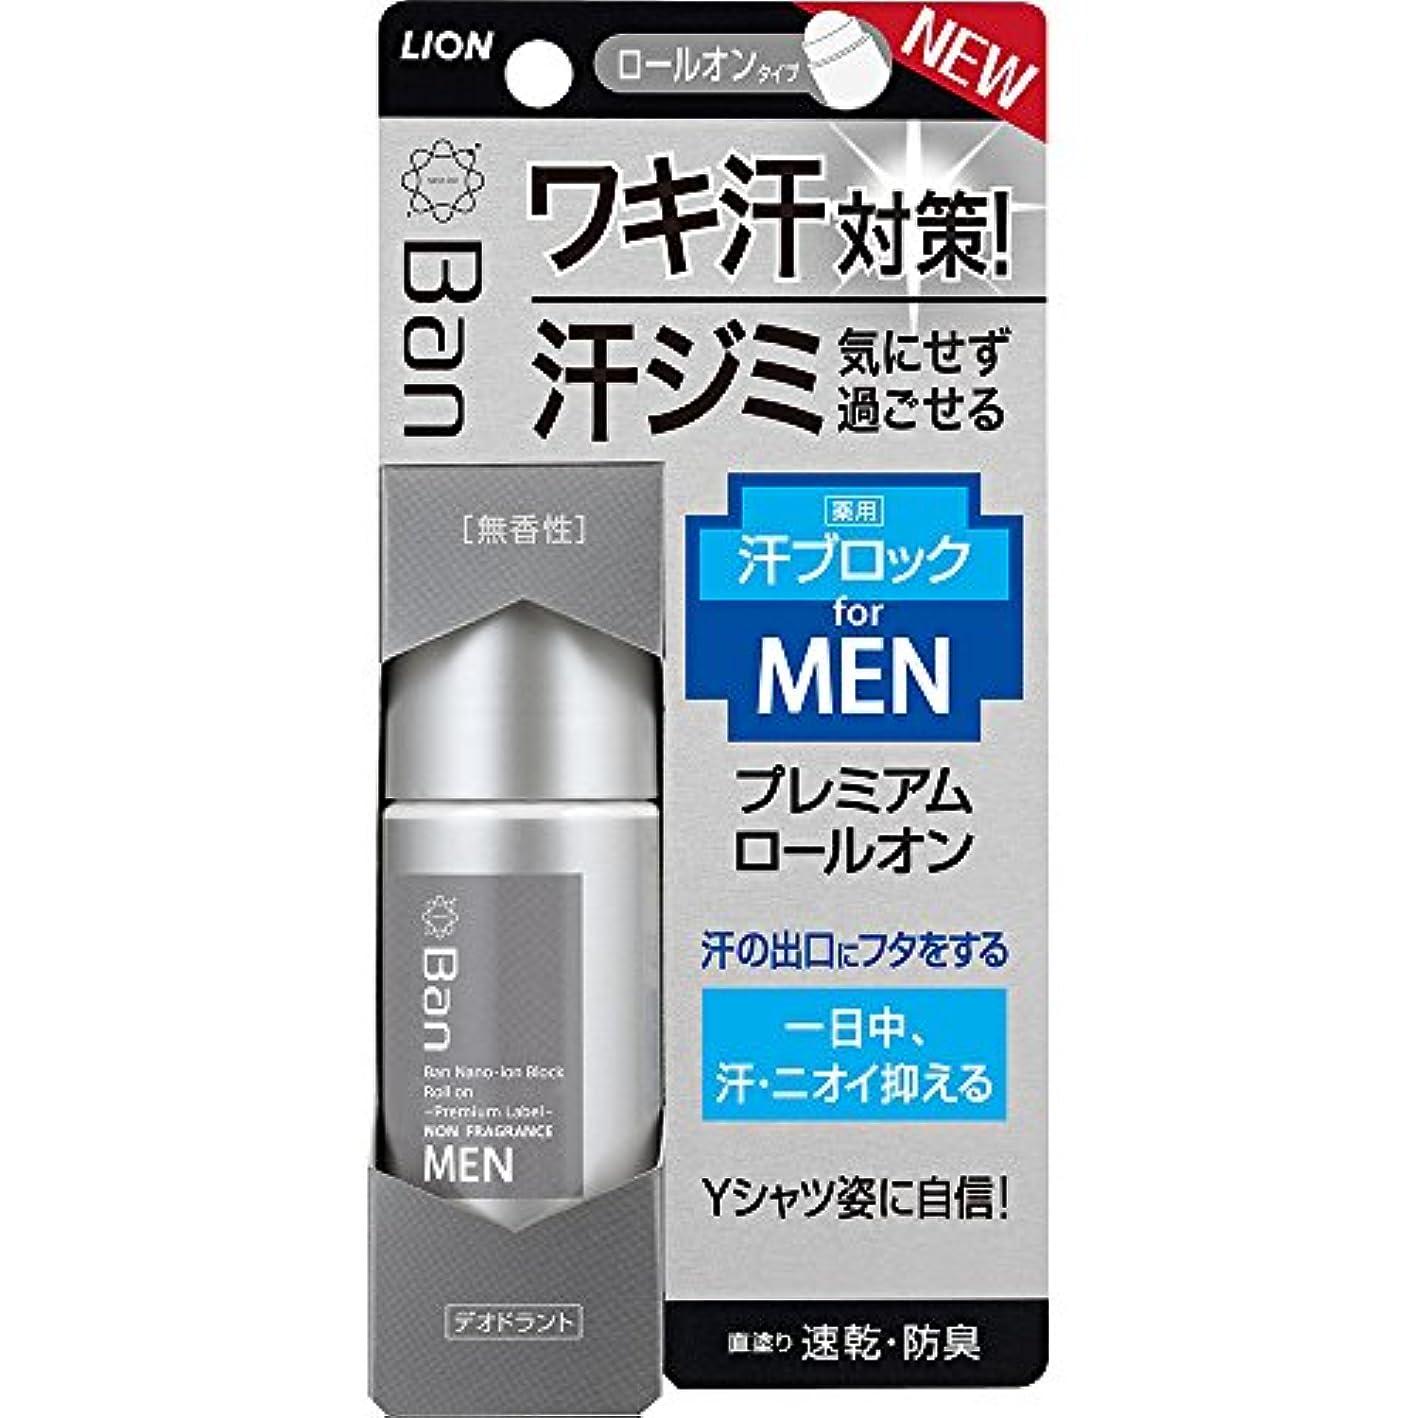 実験をするセッション眠りBan(バン) 汗ブロックロールオン プレミアムラベル 男性用 無香性 40ml(医薬部外品)